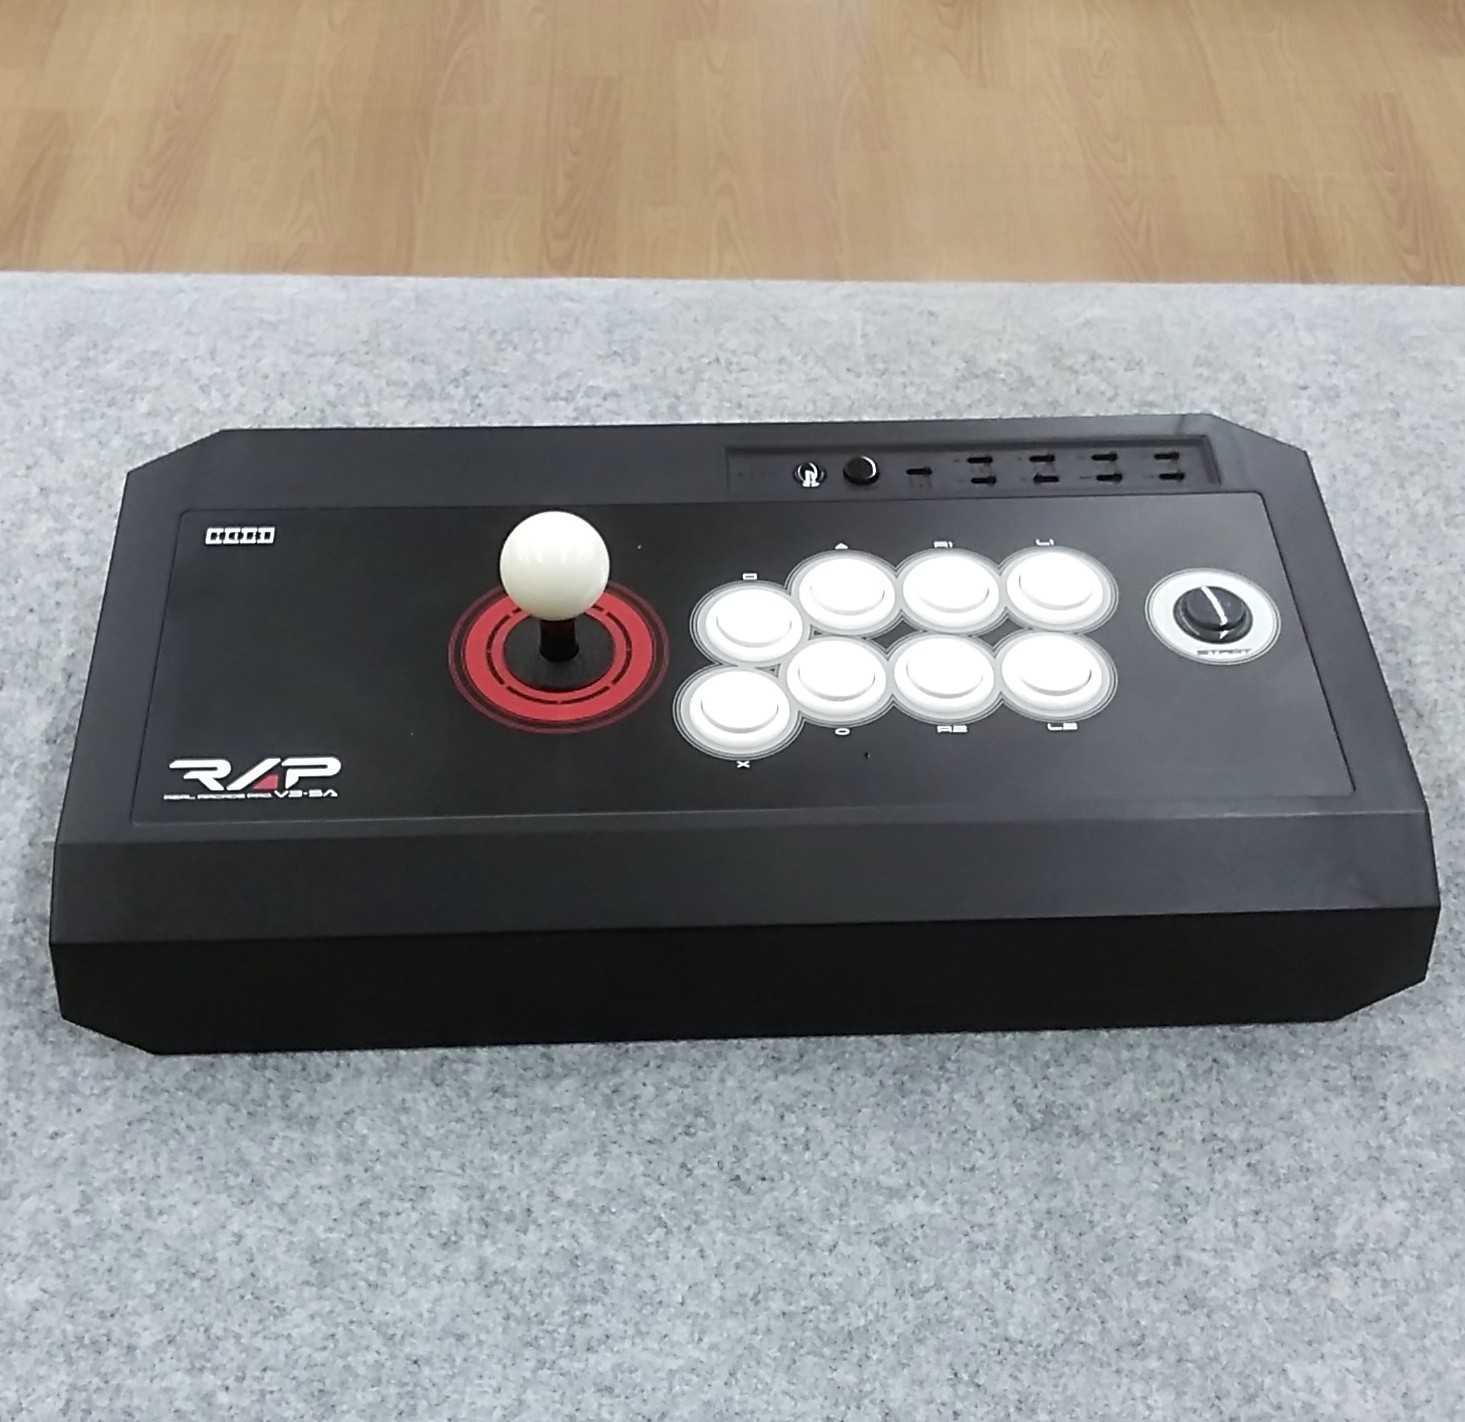 PS3用アーケードコントローラー|HORI